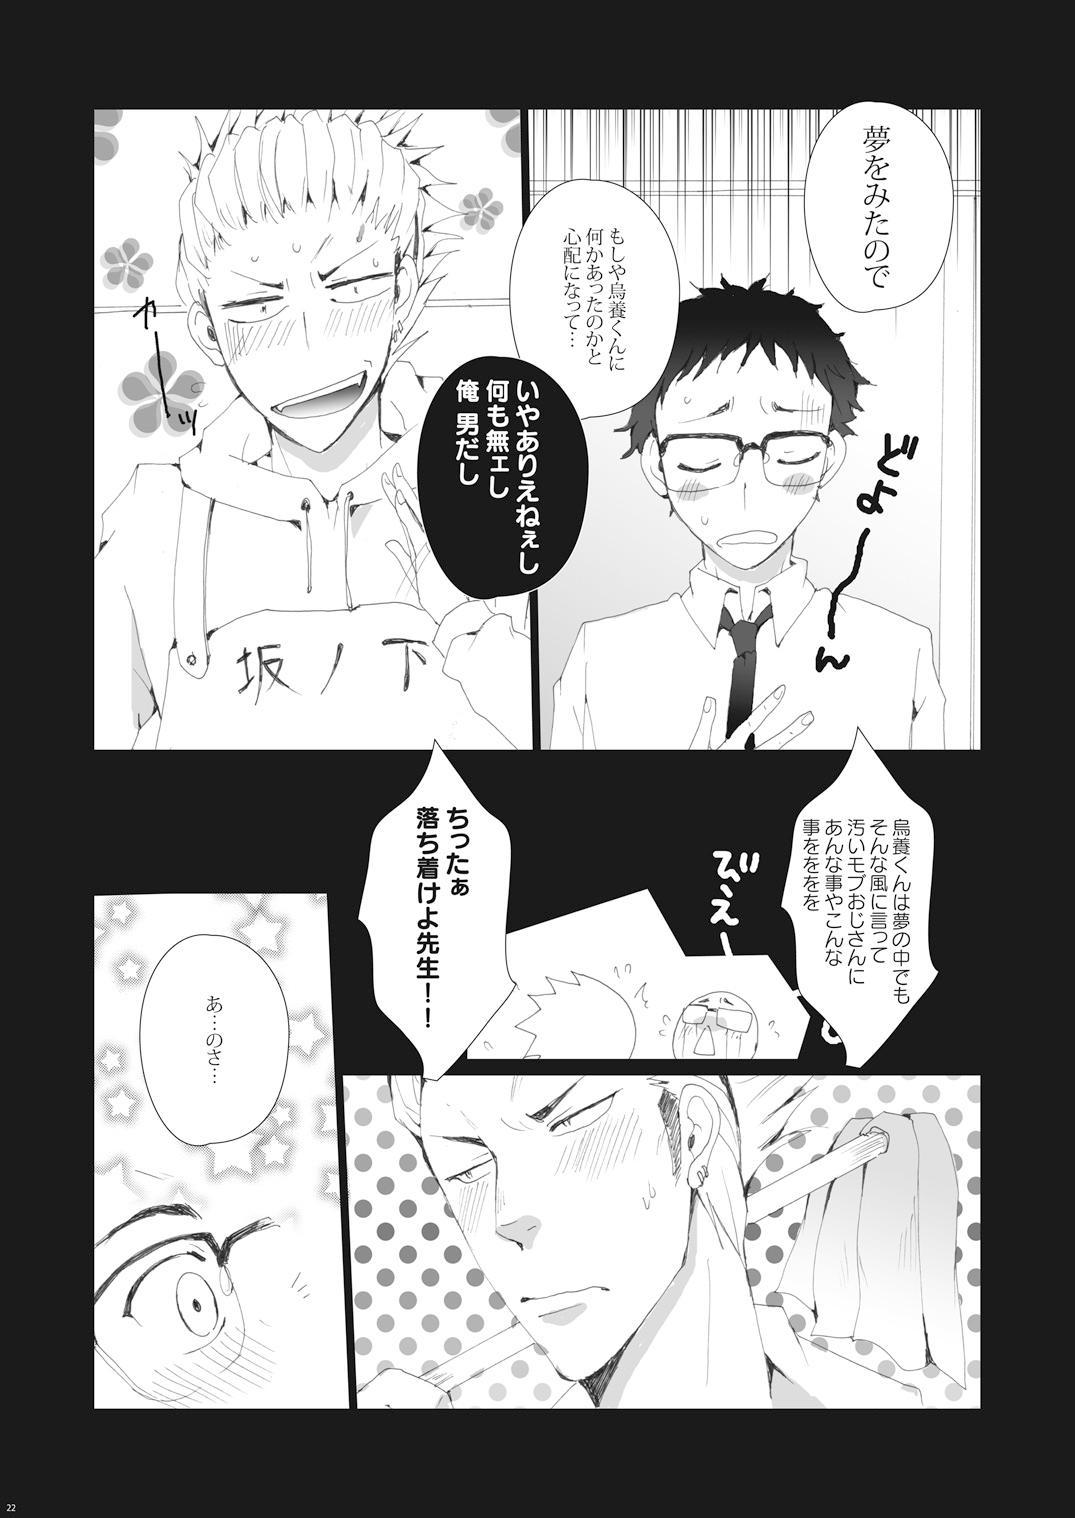 b_0024_uka_P22out